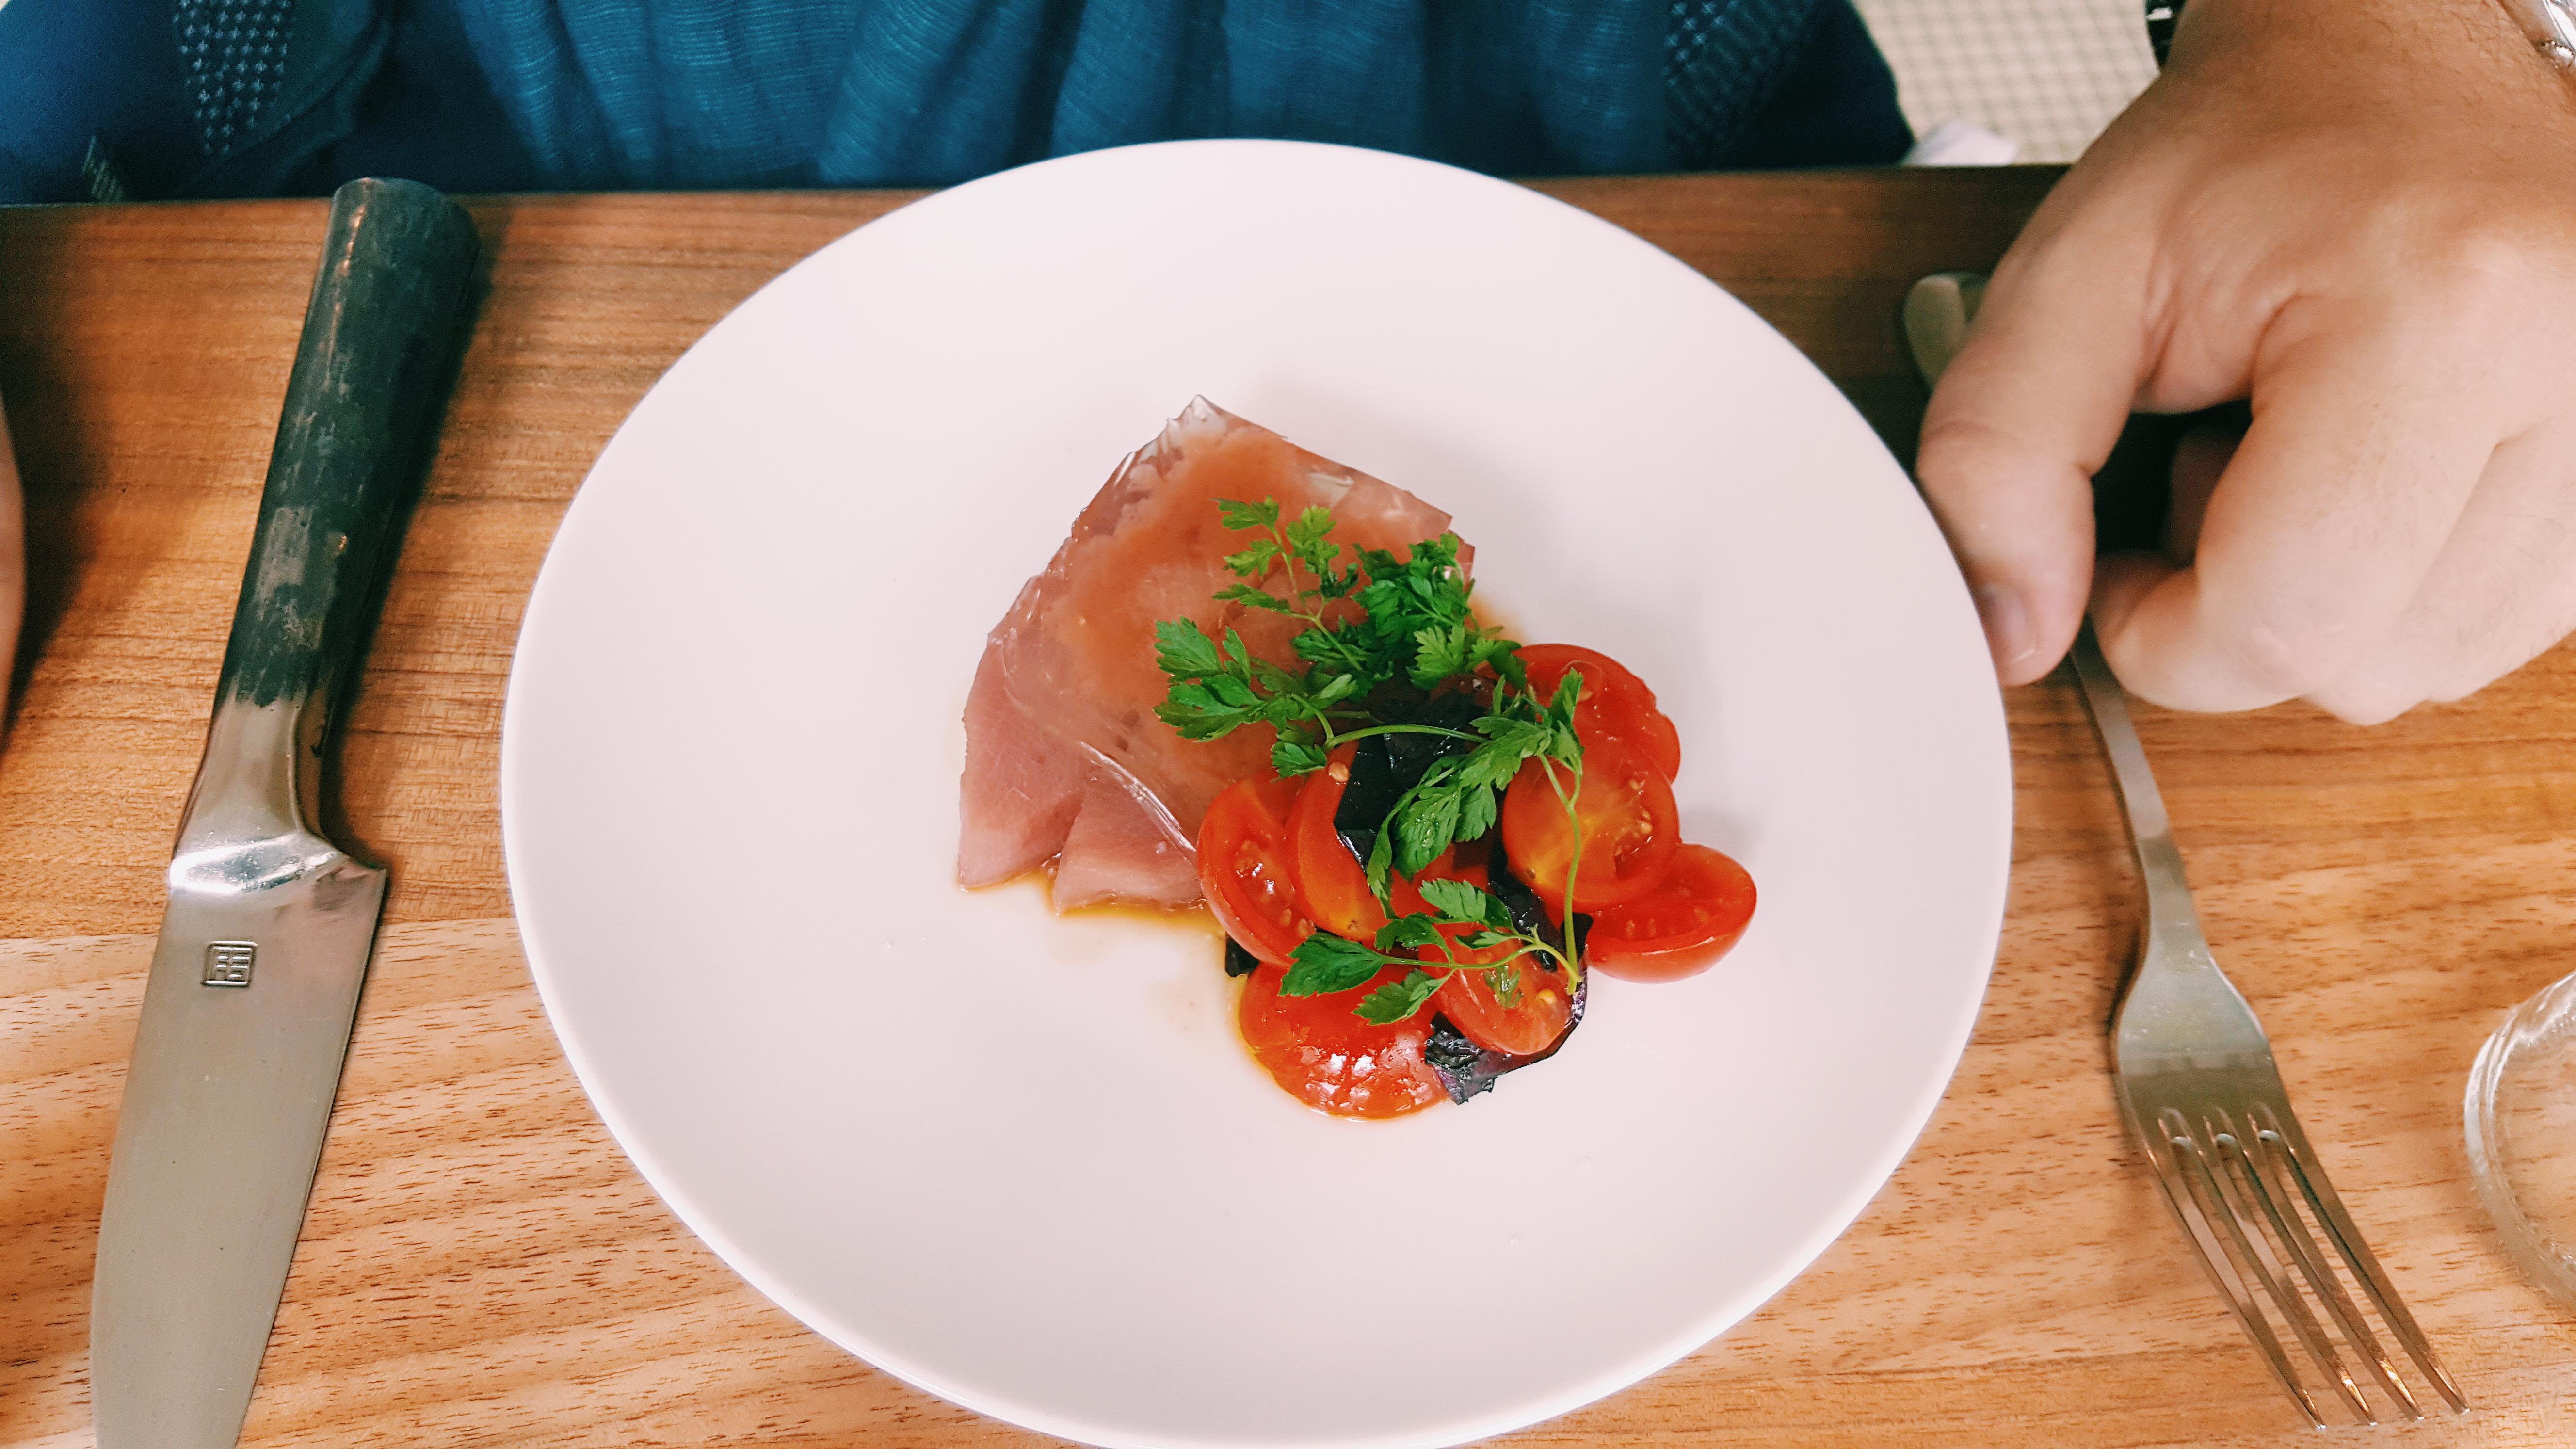 Ventrèche-de-thon-cru-gelée-de-tomate-piment-chisot-Le-Servan-restaurant-Paris-11e-entrée-menu-diner-food-photo-usofparis-blog